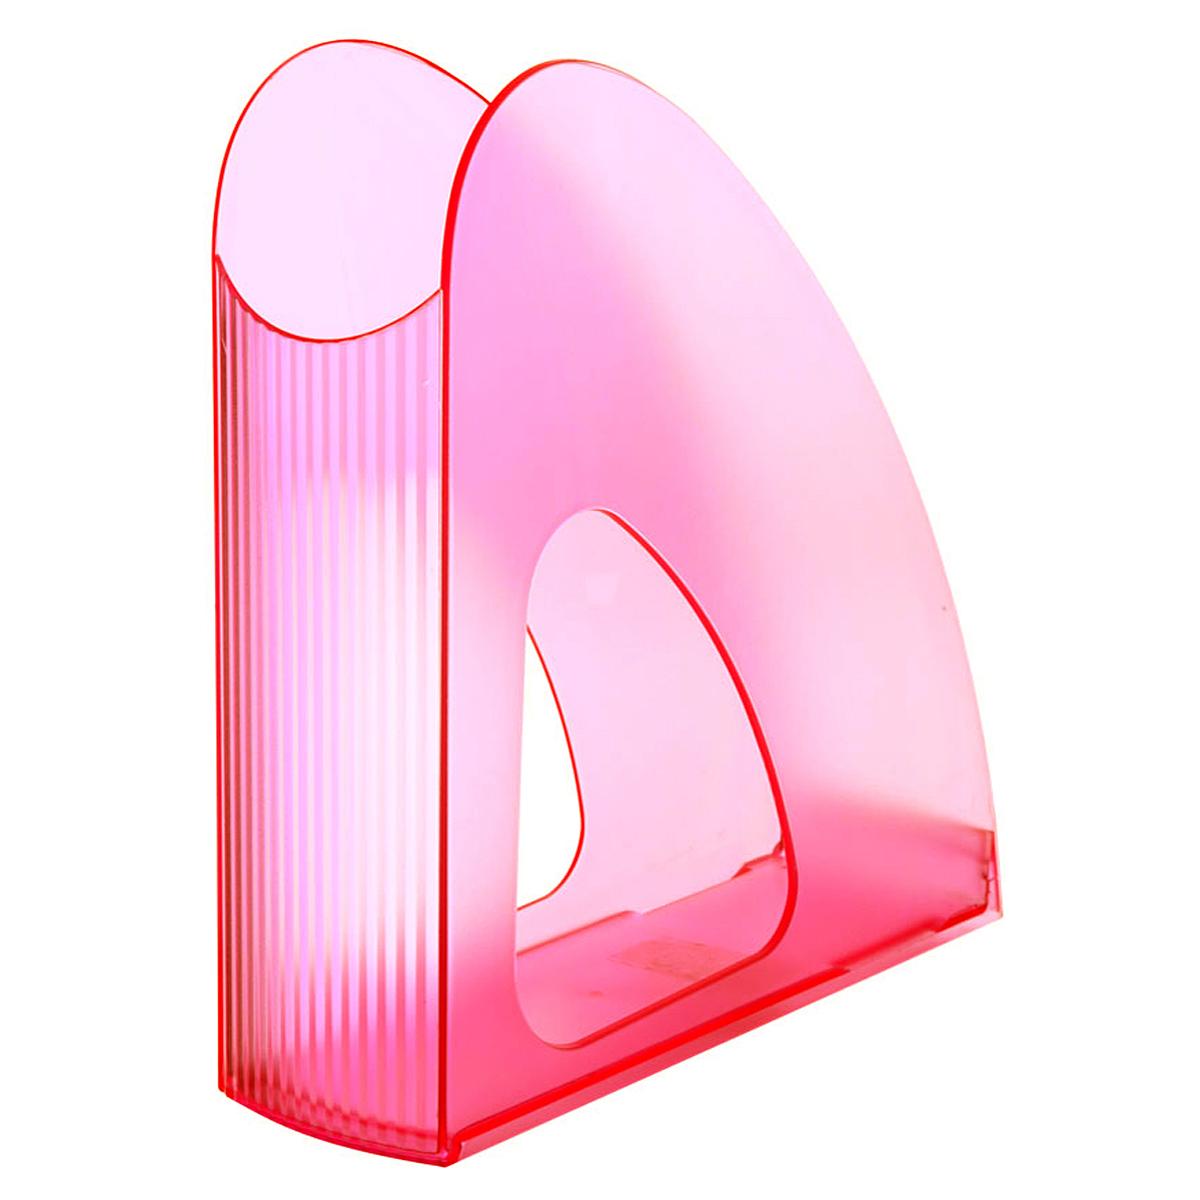 Лоток для бумаг вертикальный HAN  Twin Signal , прозрачный, цвет: розовый -  Лотки, подставки для бумаг